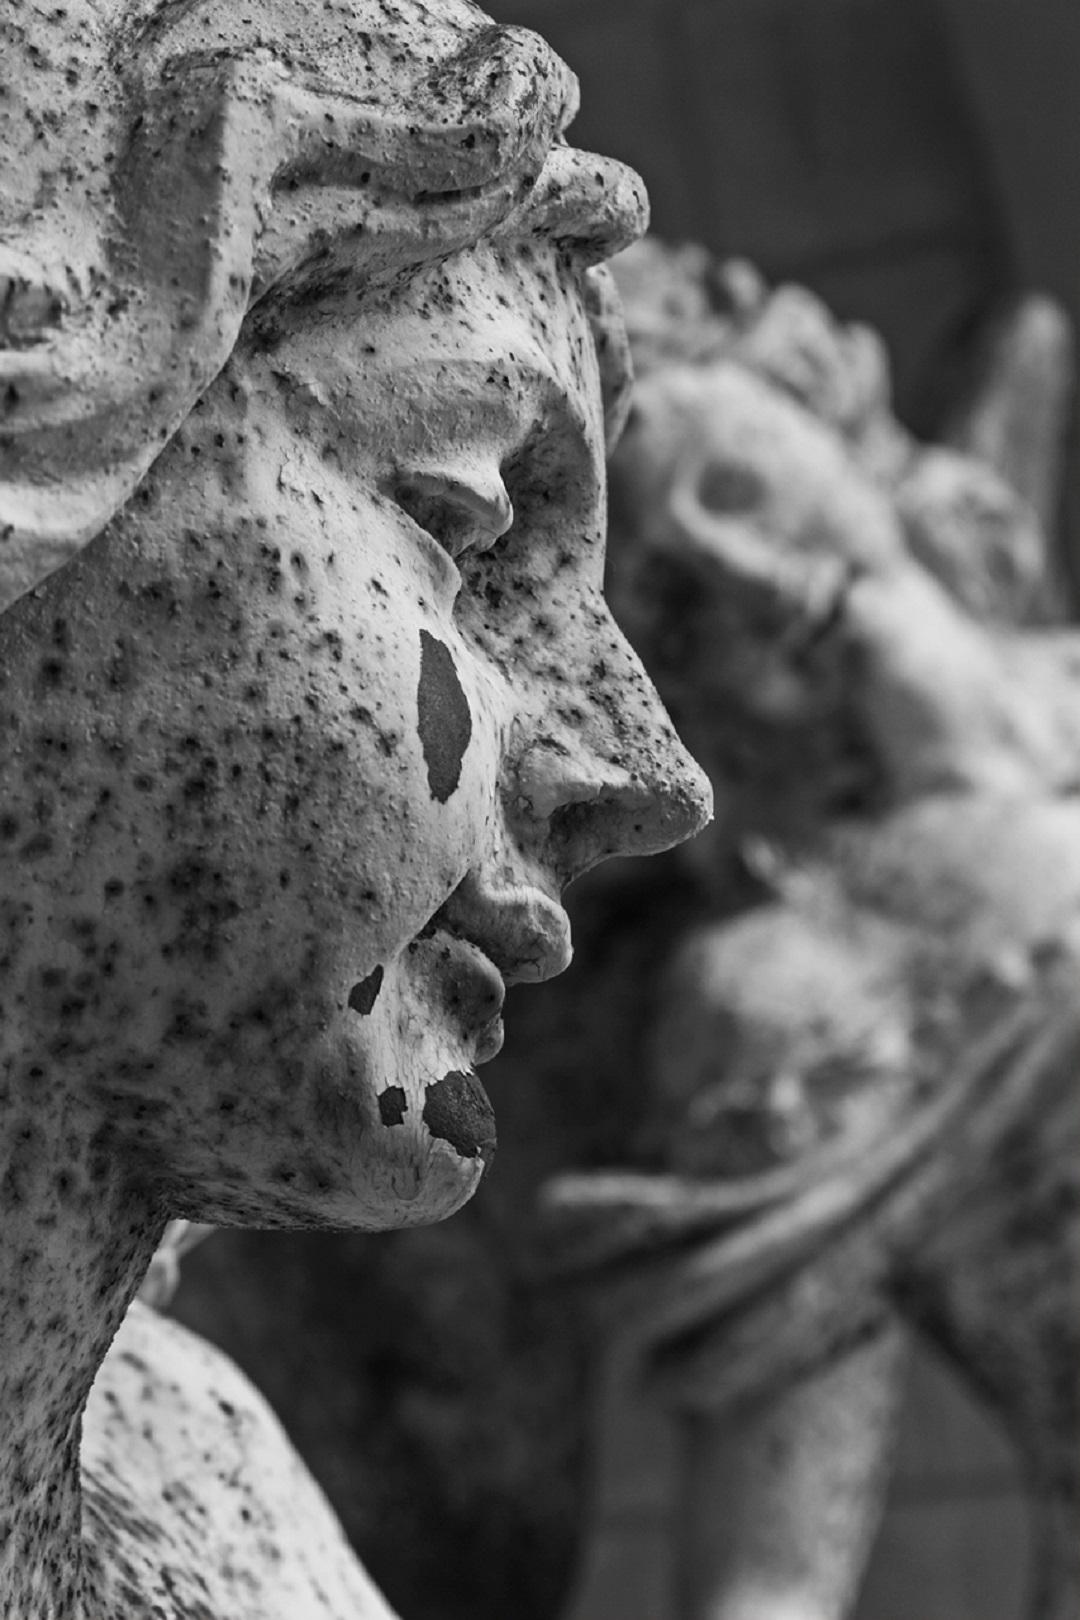 Photo noir et blanc. Le visage d'une statue féminine apparait en gros plan ; une tache sur sa joue laisse à penser qu'elle pleure.